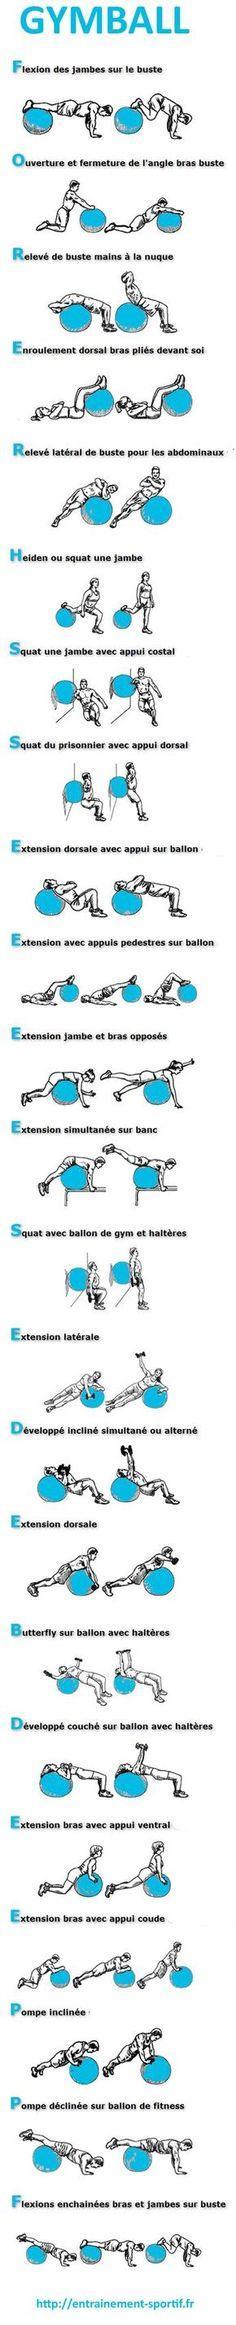 23 exercices de musculation avec ballon de gym http://entrainement-sportif.fr/ballon-gym-exercices.htm